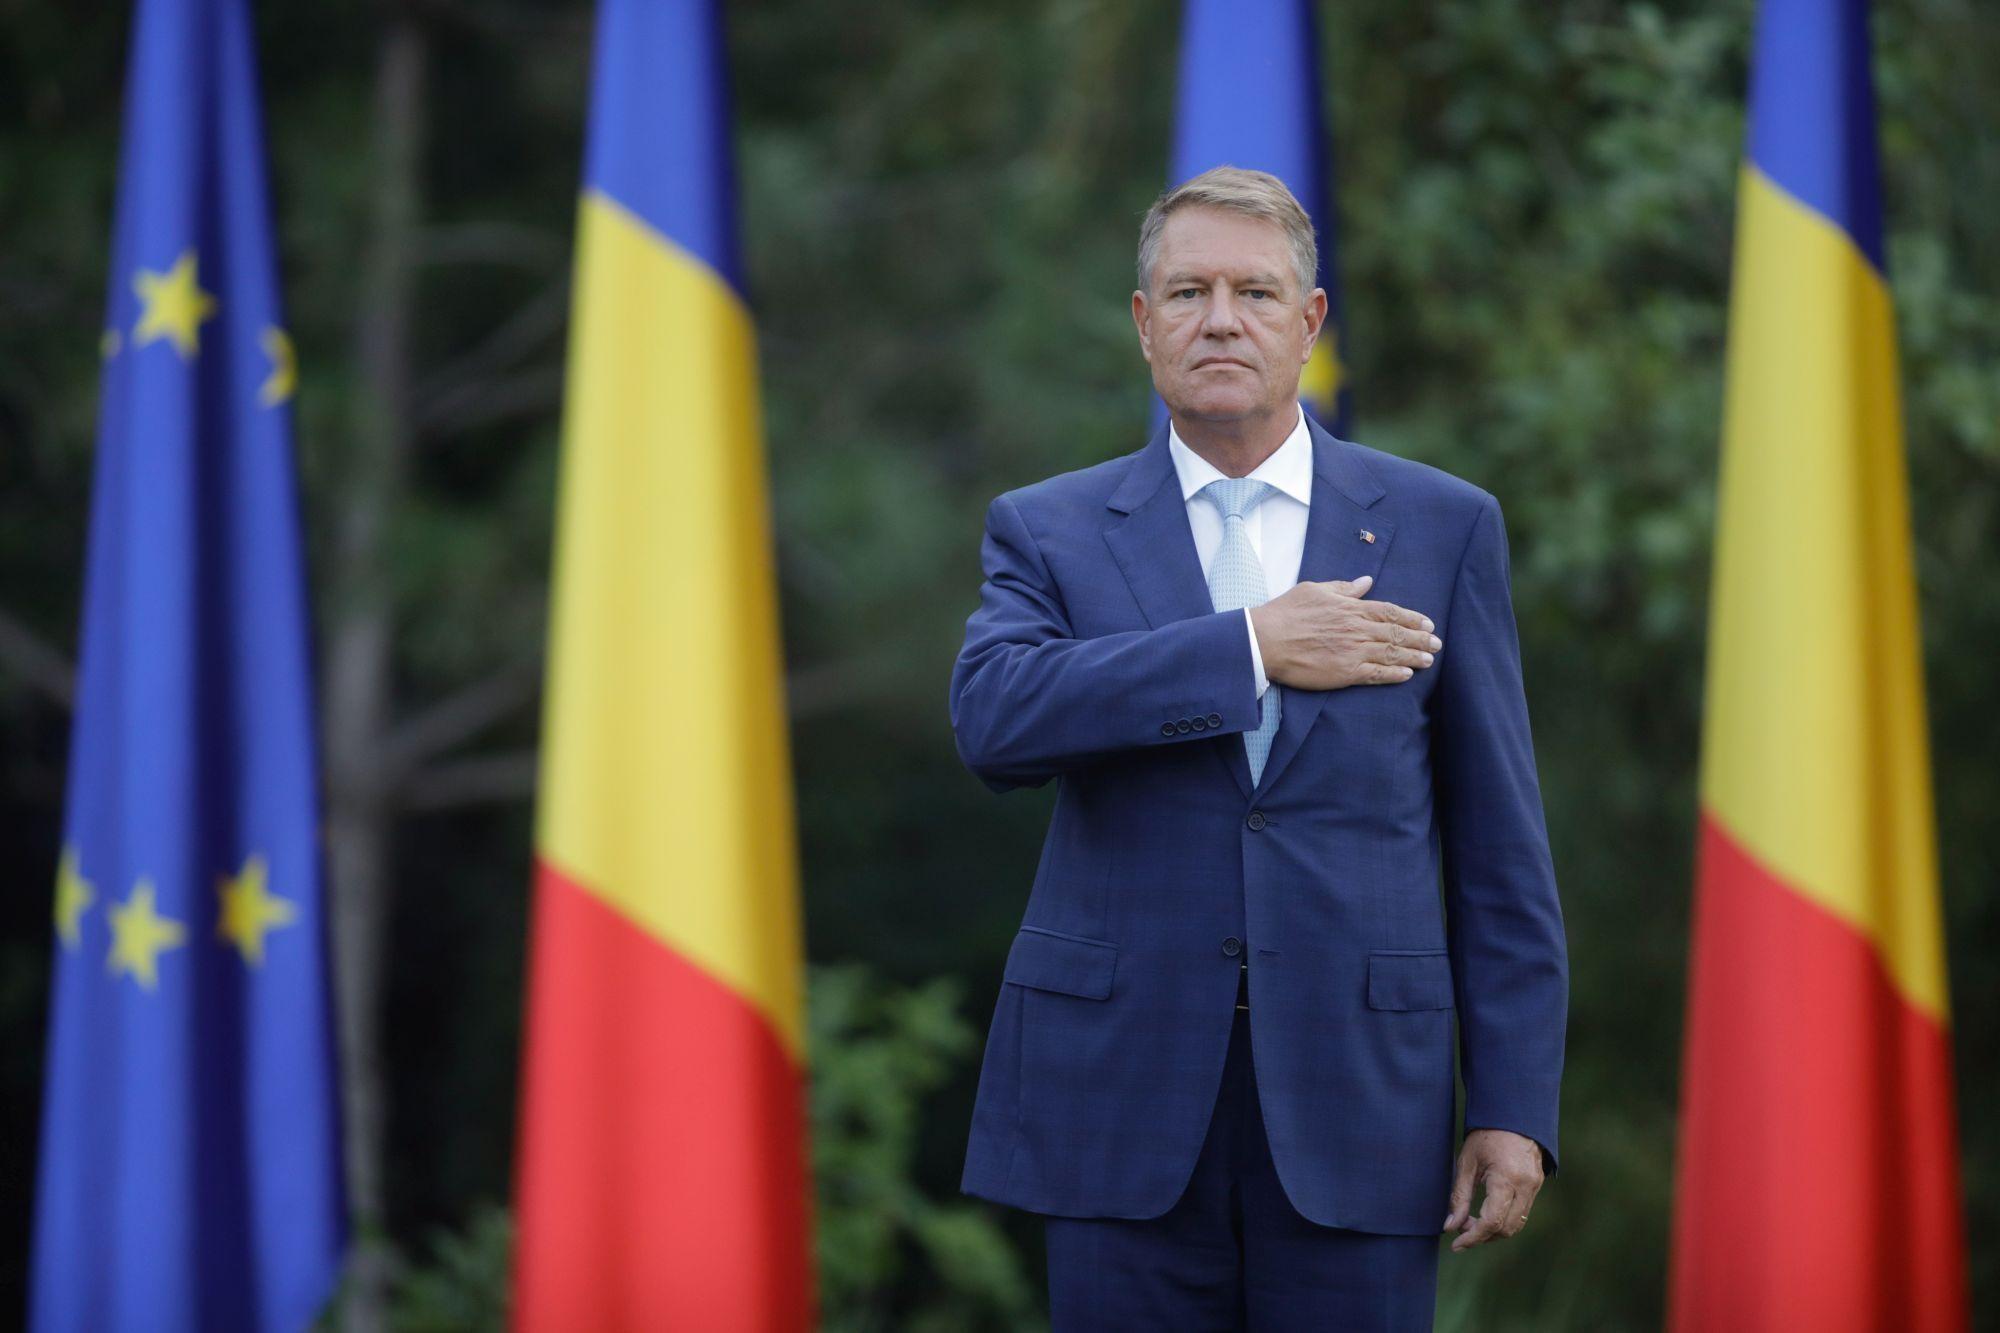 Preşedintele Klaus Iohannis: Fac apel către toate partidele să privească spre viitor si să le arate românilor că îi respectă